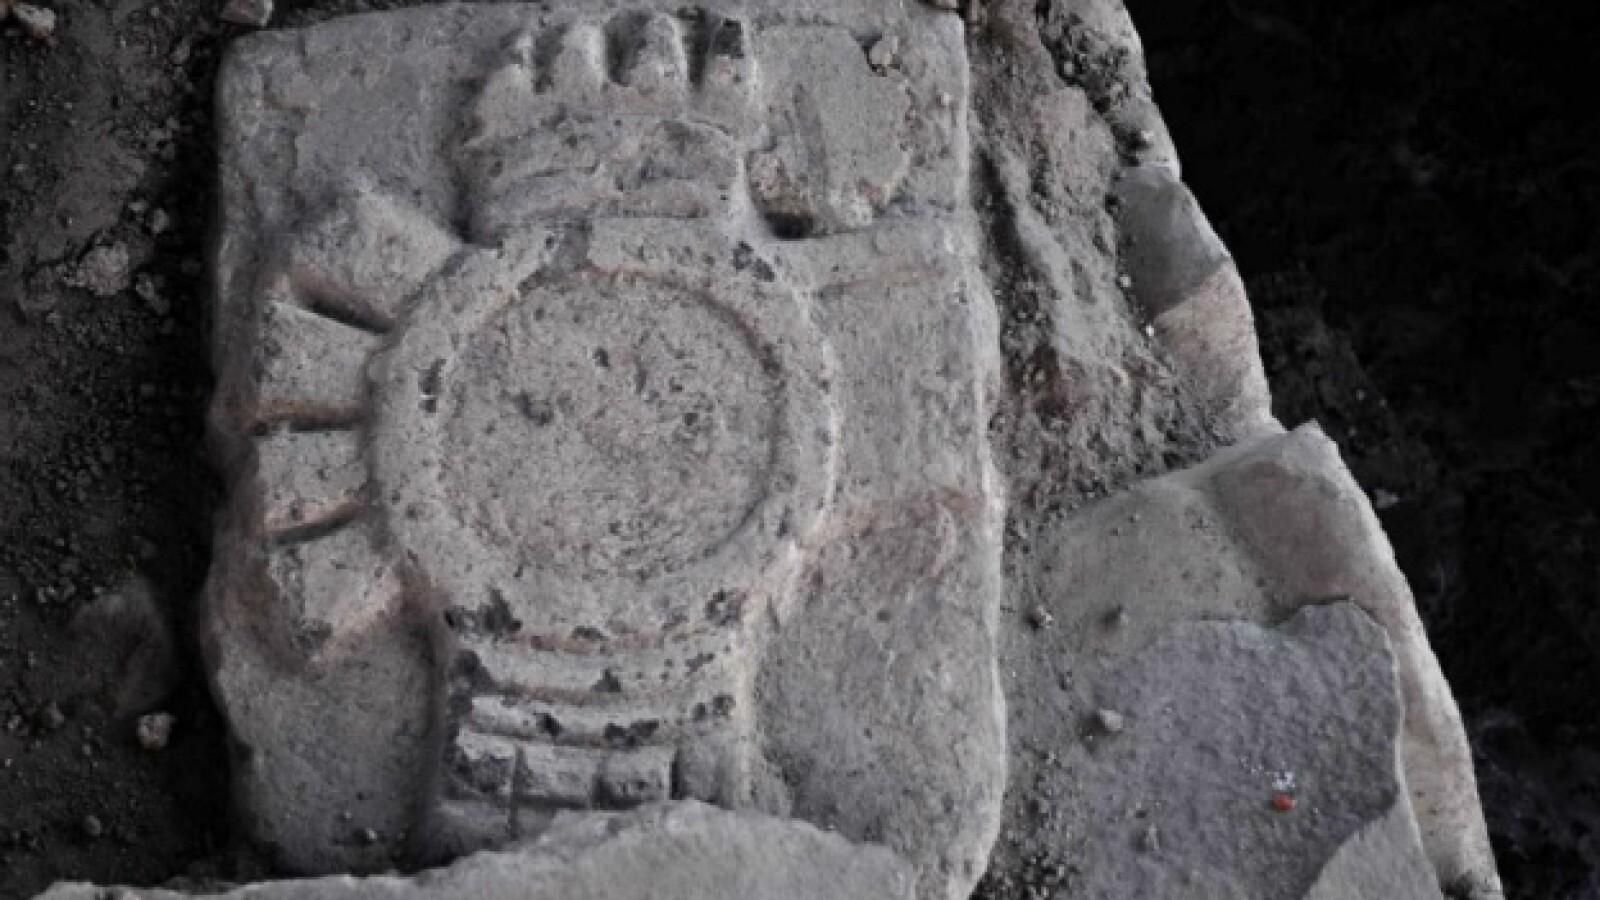 cuauhxicalco